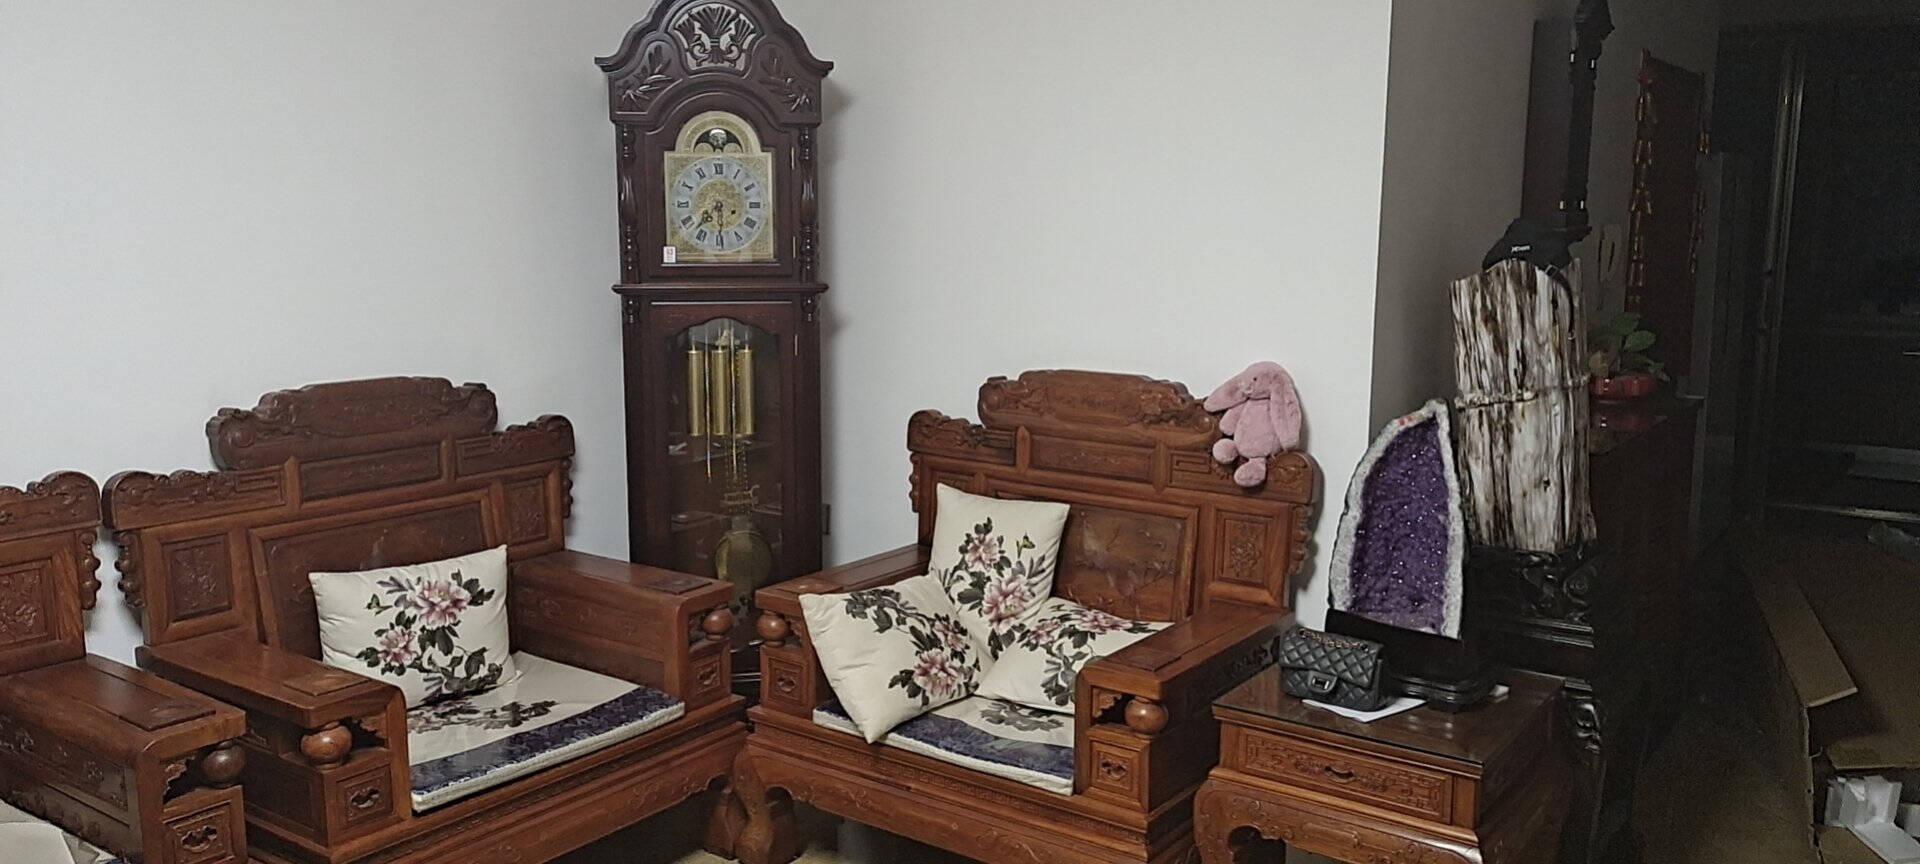 北极星(POLARIS)落地钟高档实木中式客厅立钟经典大气创意复古机械钟钟表装饰座钟L136720天机芯